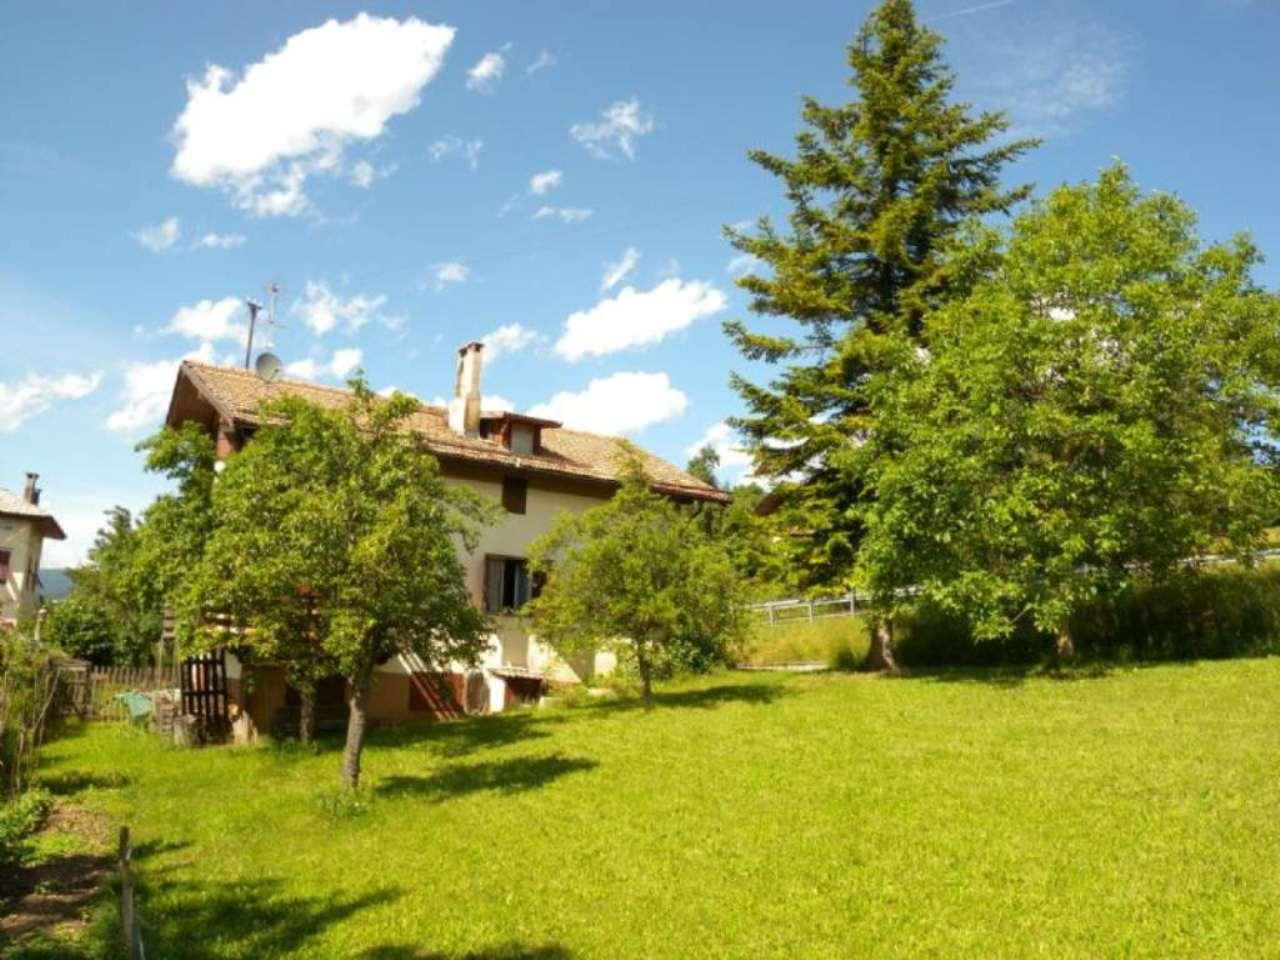 Soluzione Indipendente in vendita a Sarnonico, 7 locali, Trattative riservate | Cambio Casa.it